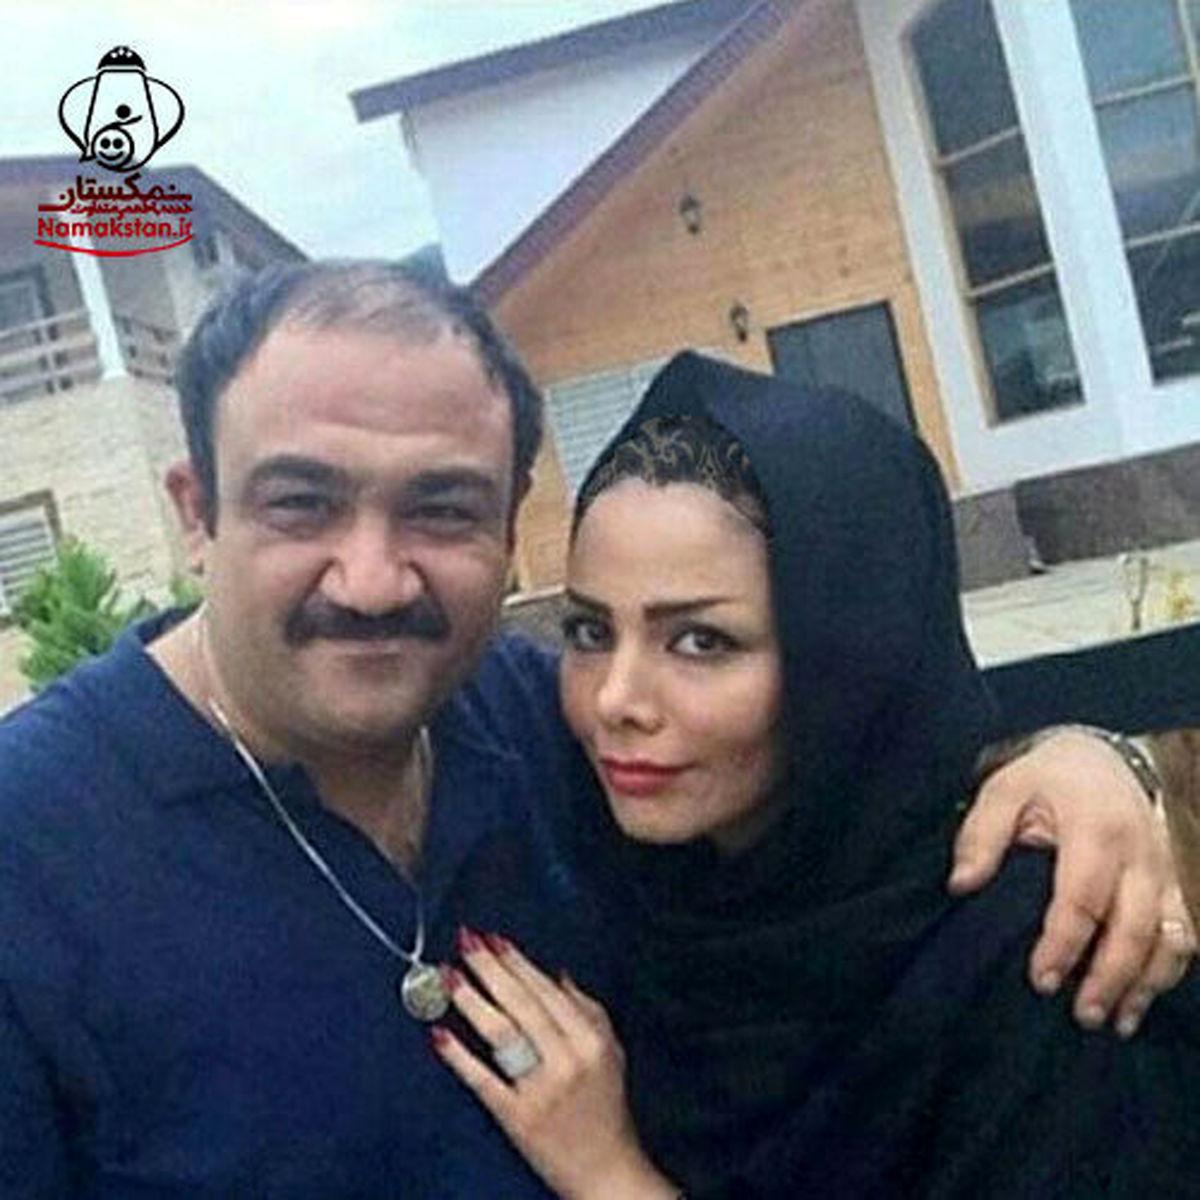 مهران غفوریان راهی بیمارستان شد/ برایم دعا کنید + فیلم